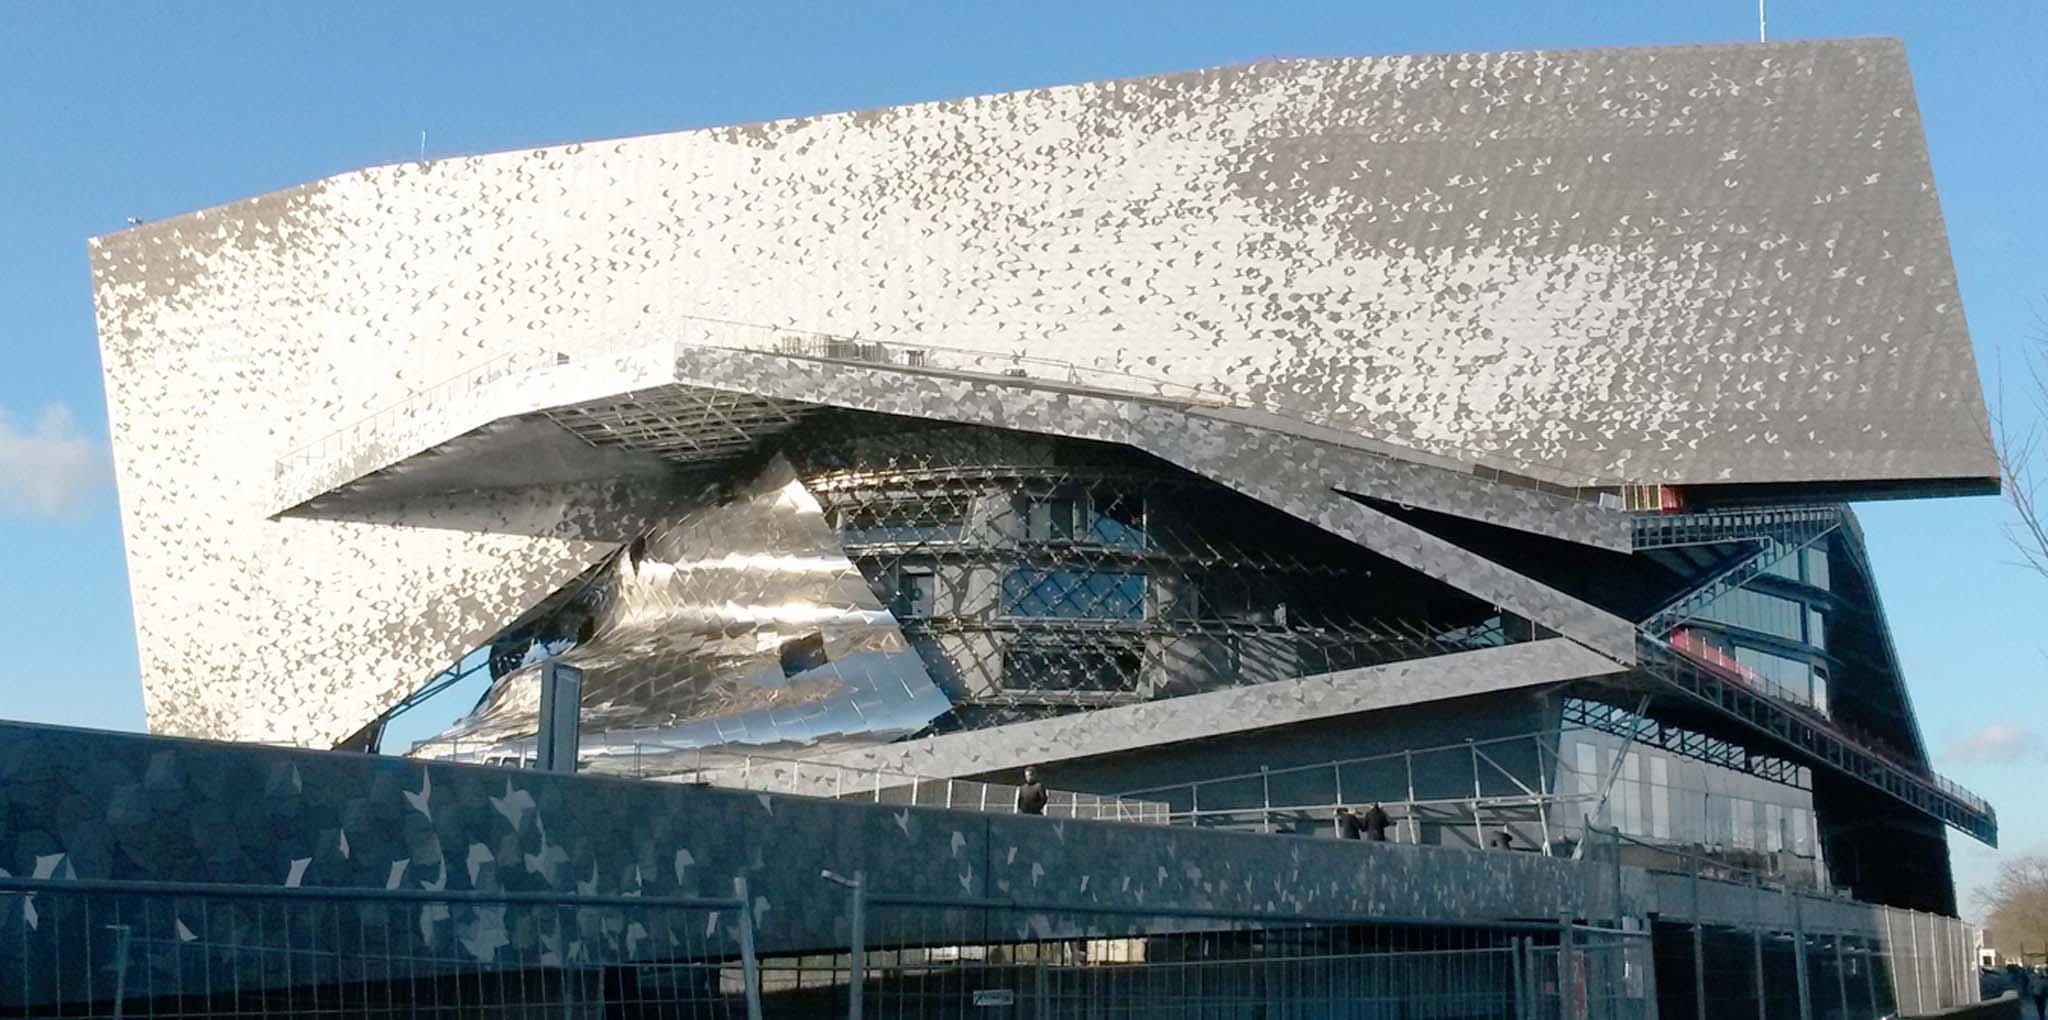 La philharmonie ouvre ses portes sans jean nouvel for Architecte nom